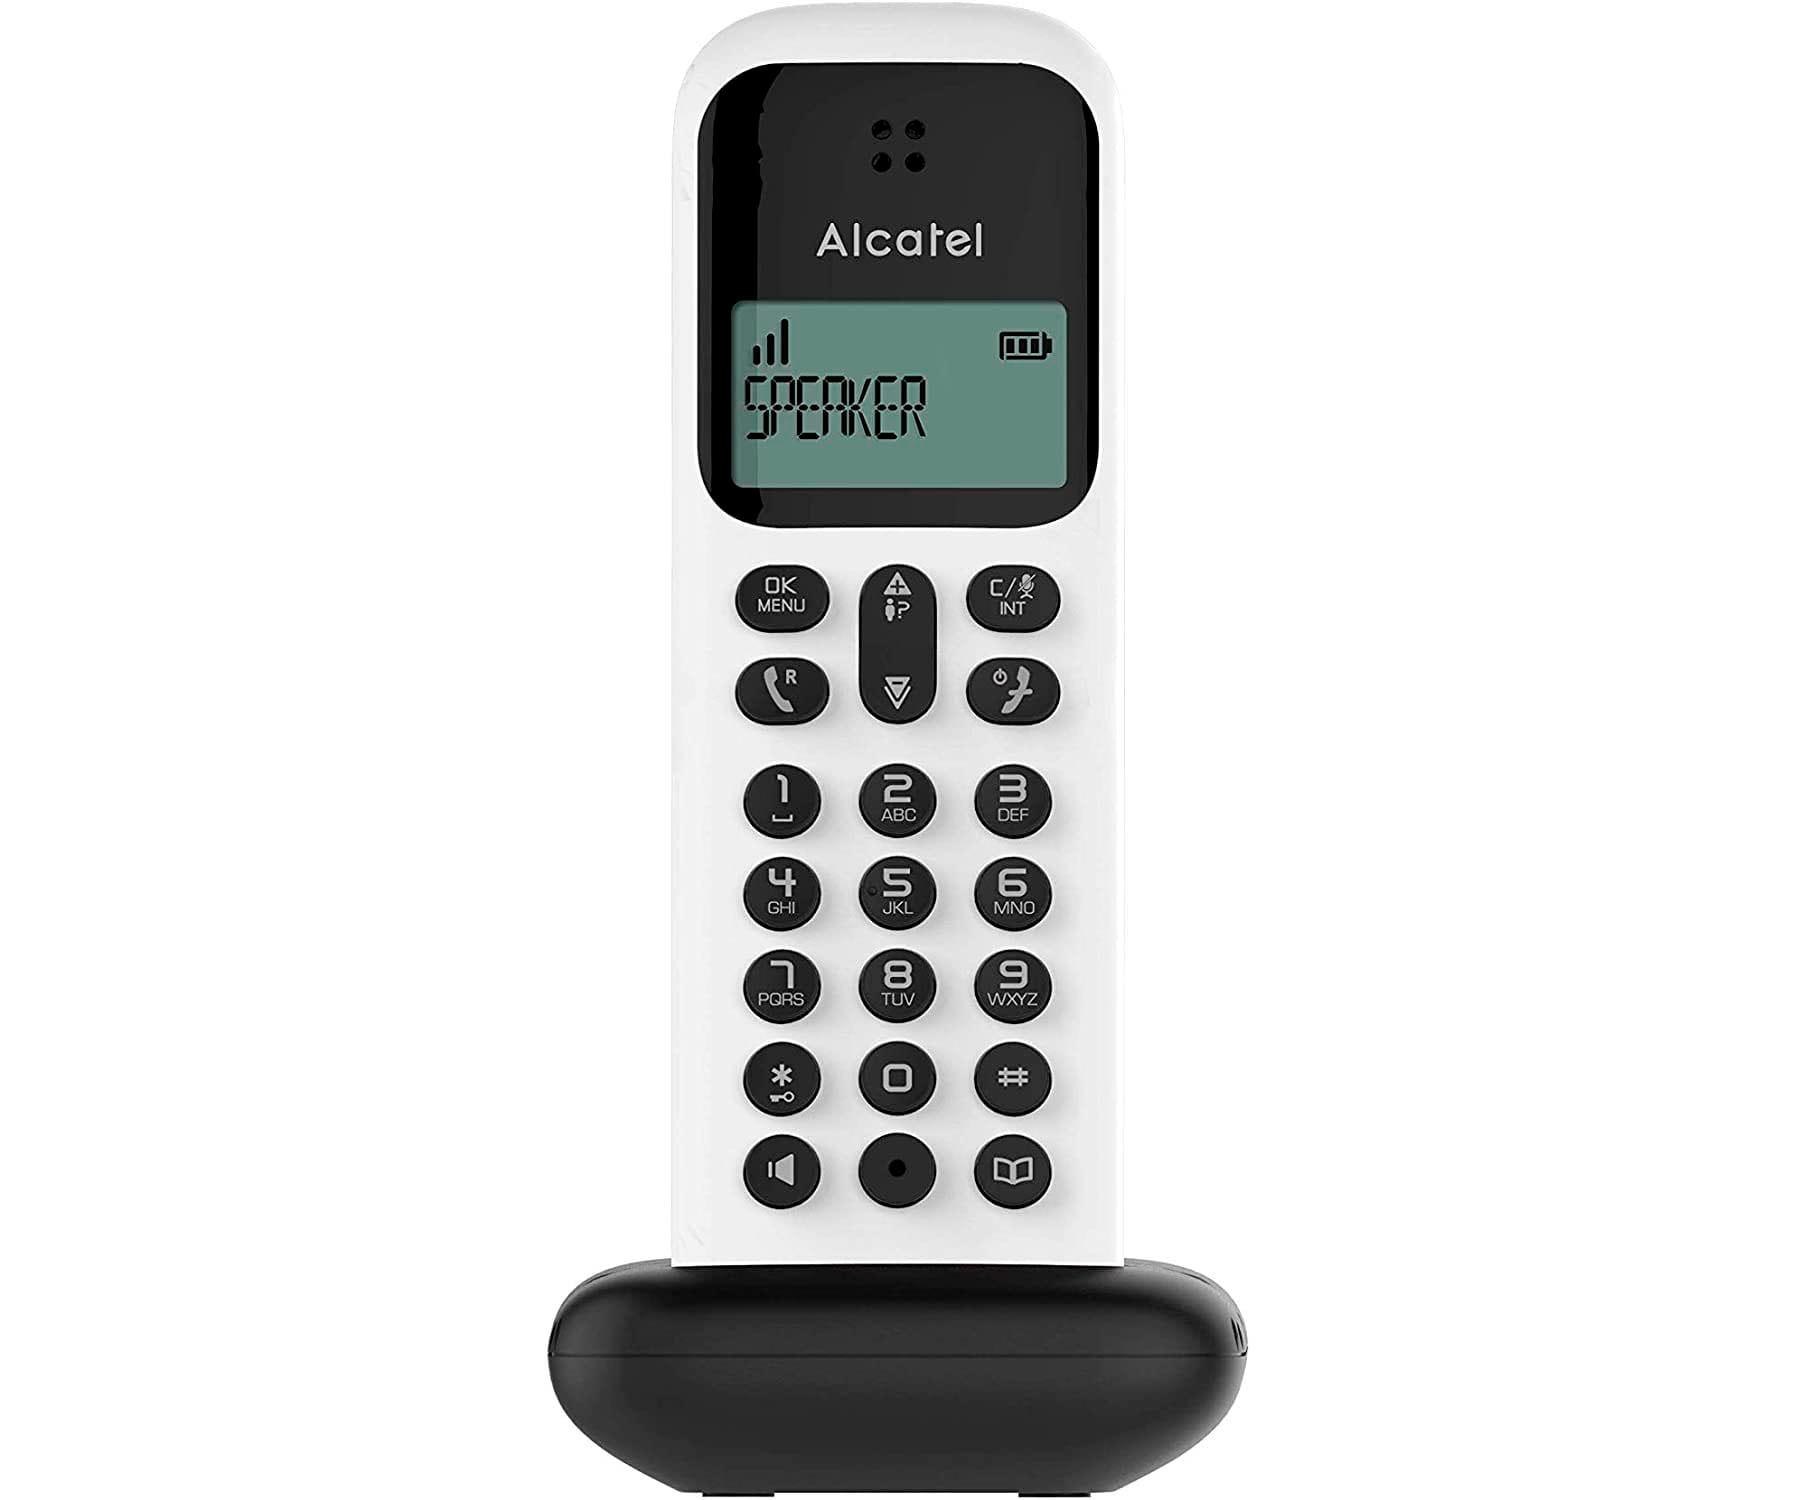 ALCATEL D285 BLANCO TELÉFONO FIJO INALÁMBRICO PANTALLA SENCILLO Y ELEGANTE